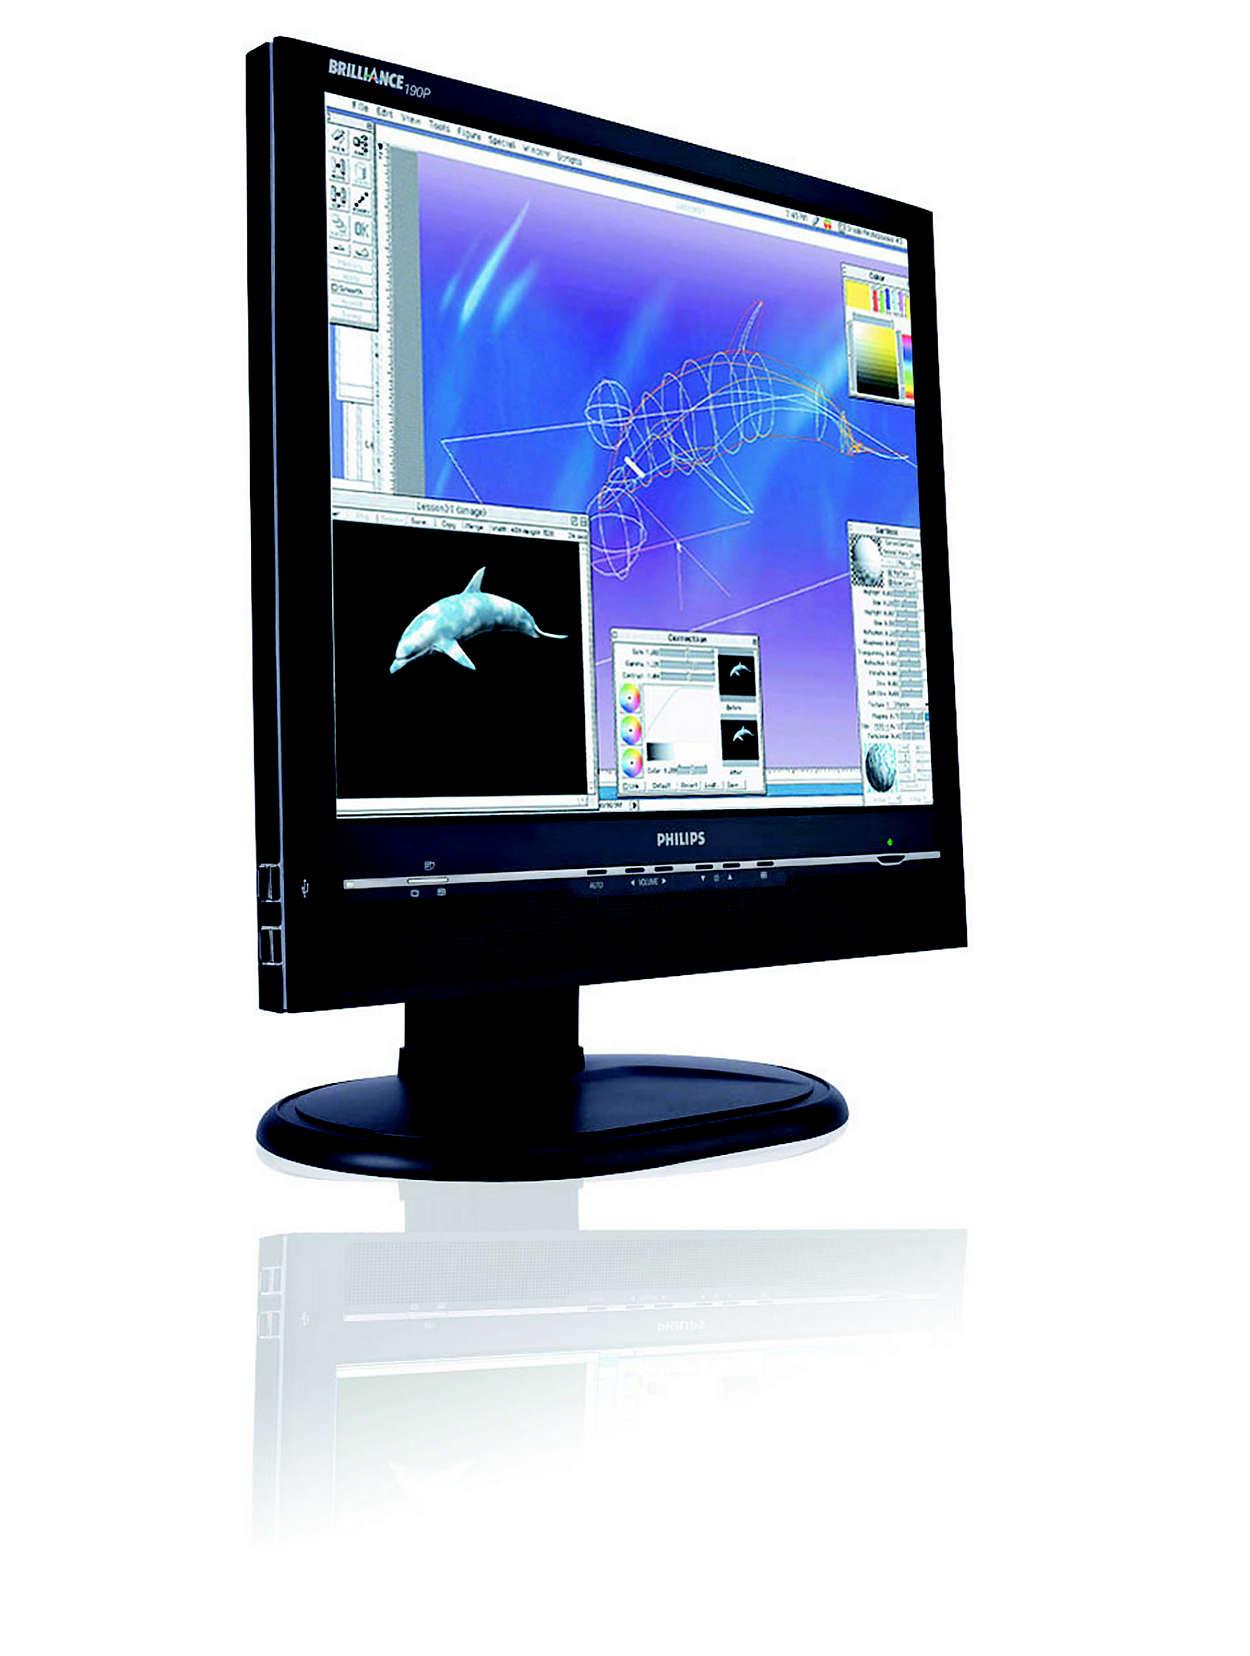 優質、大熒幕顯示器,適合專業工作